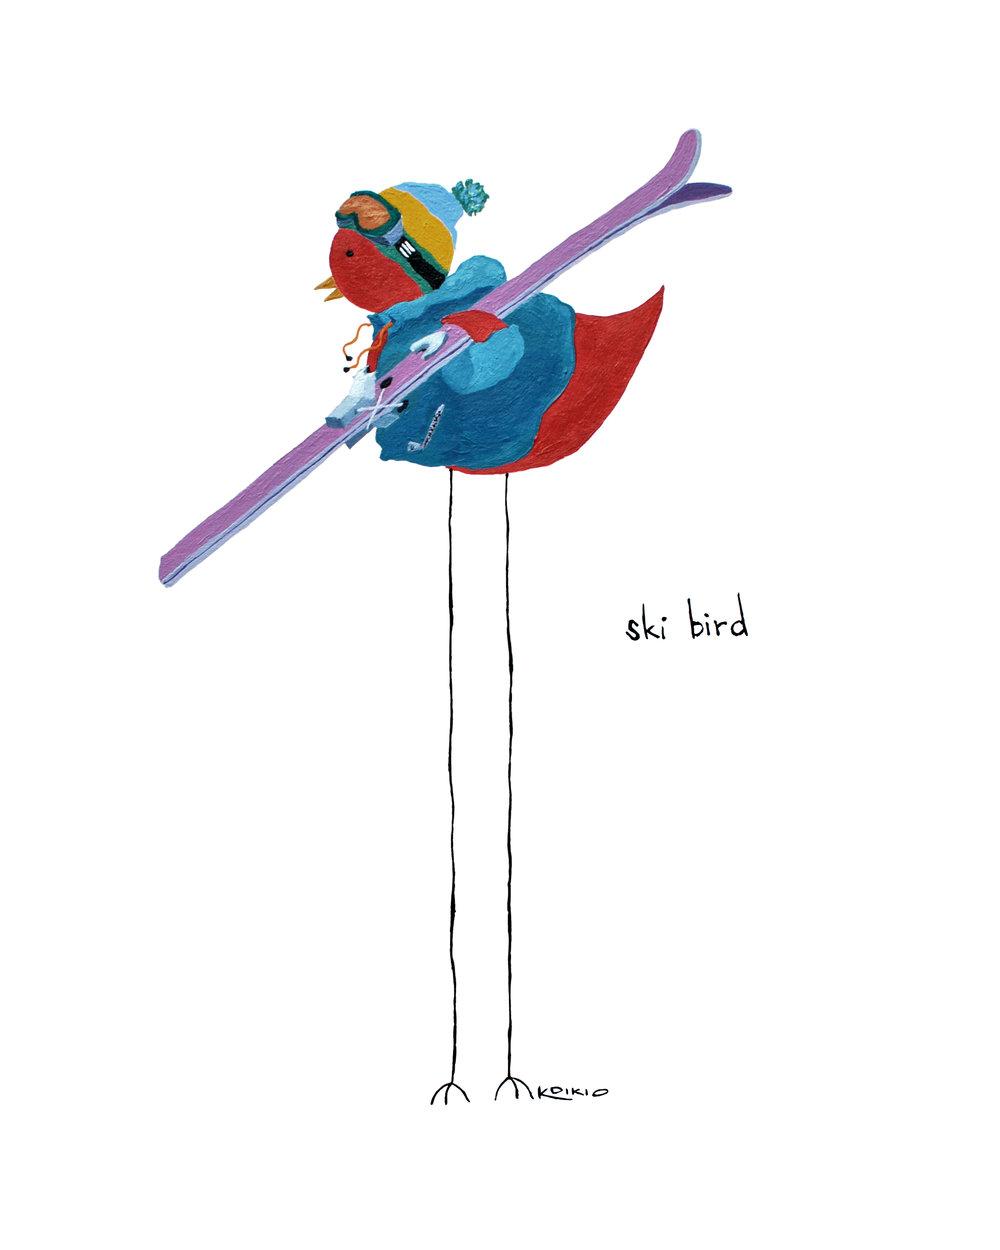 Ski Bird_8x10.jpg